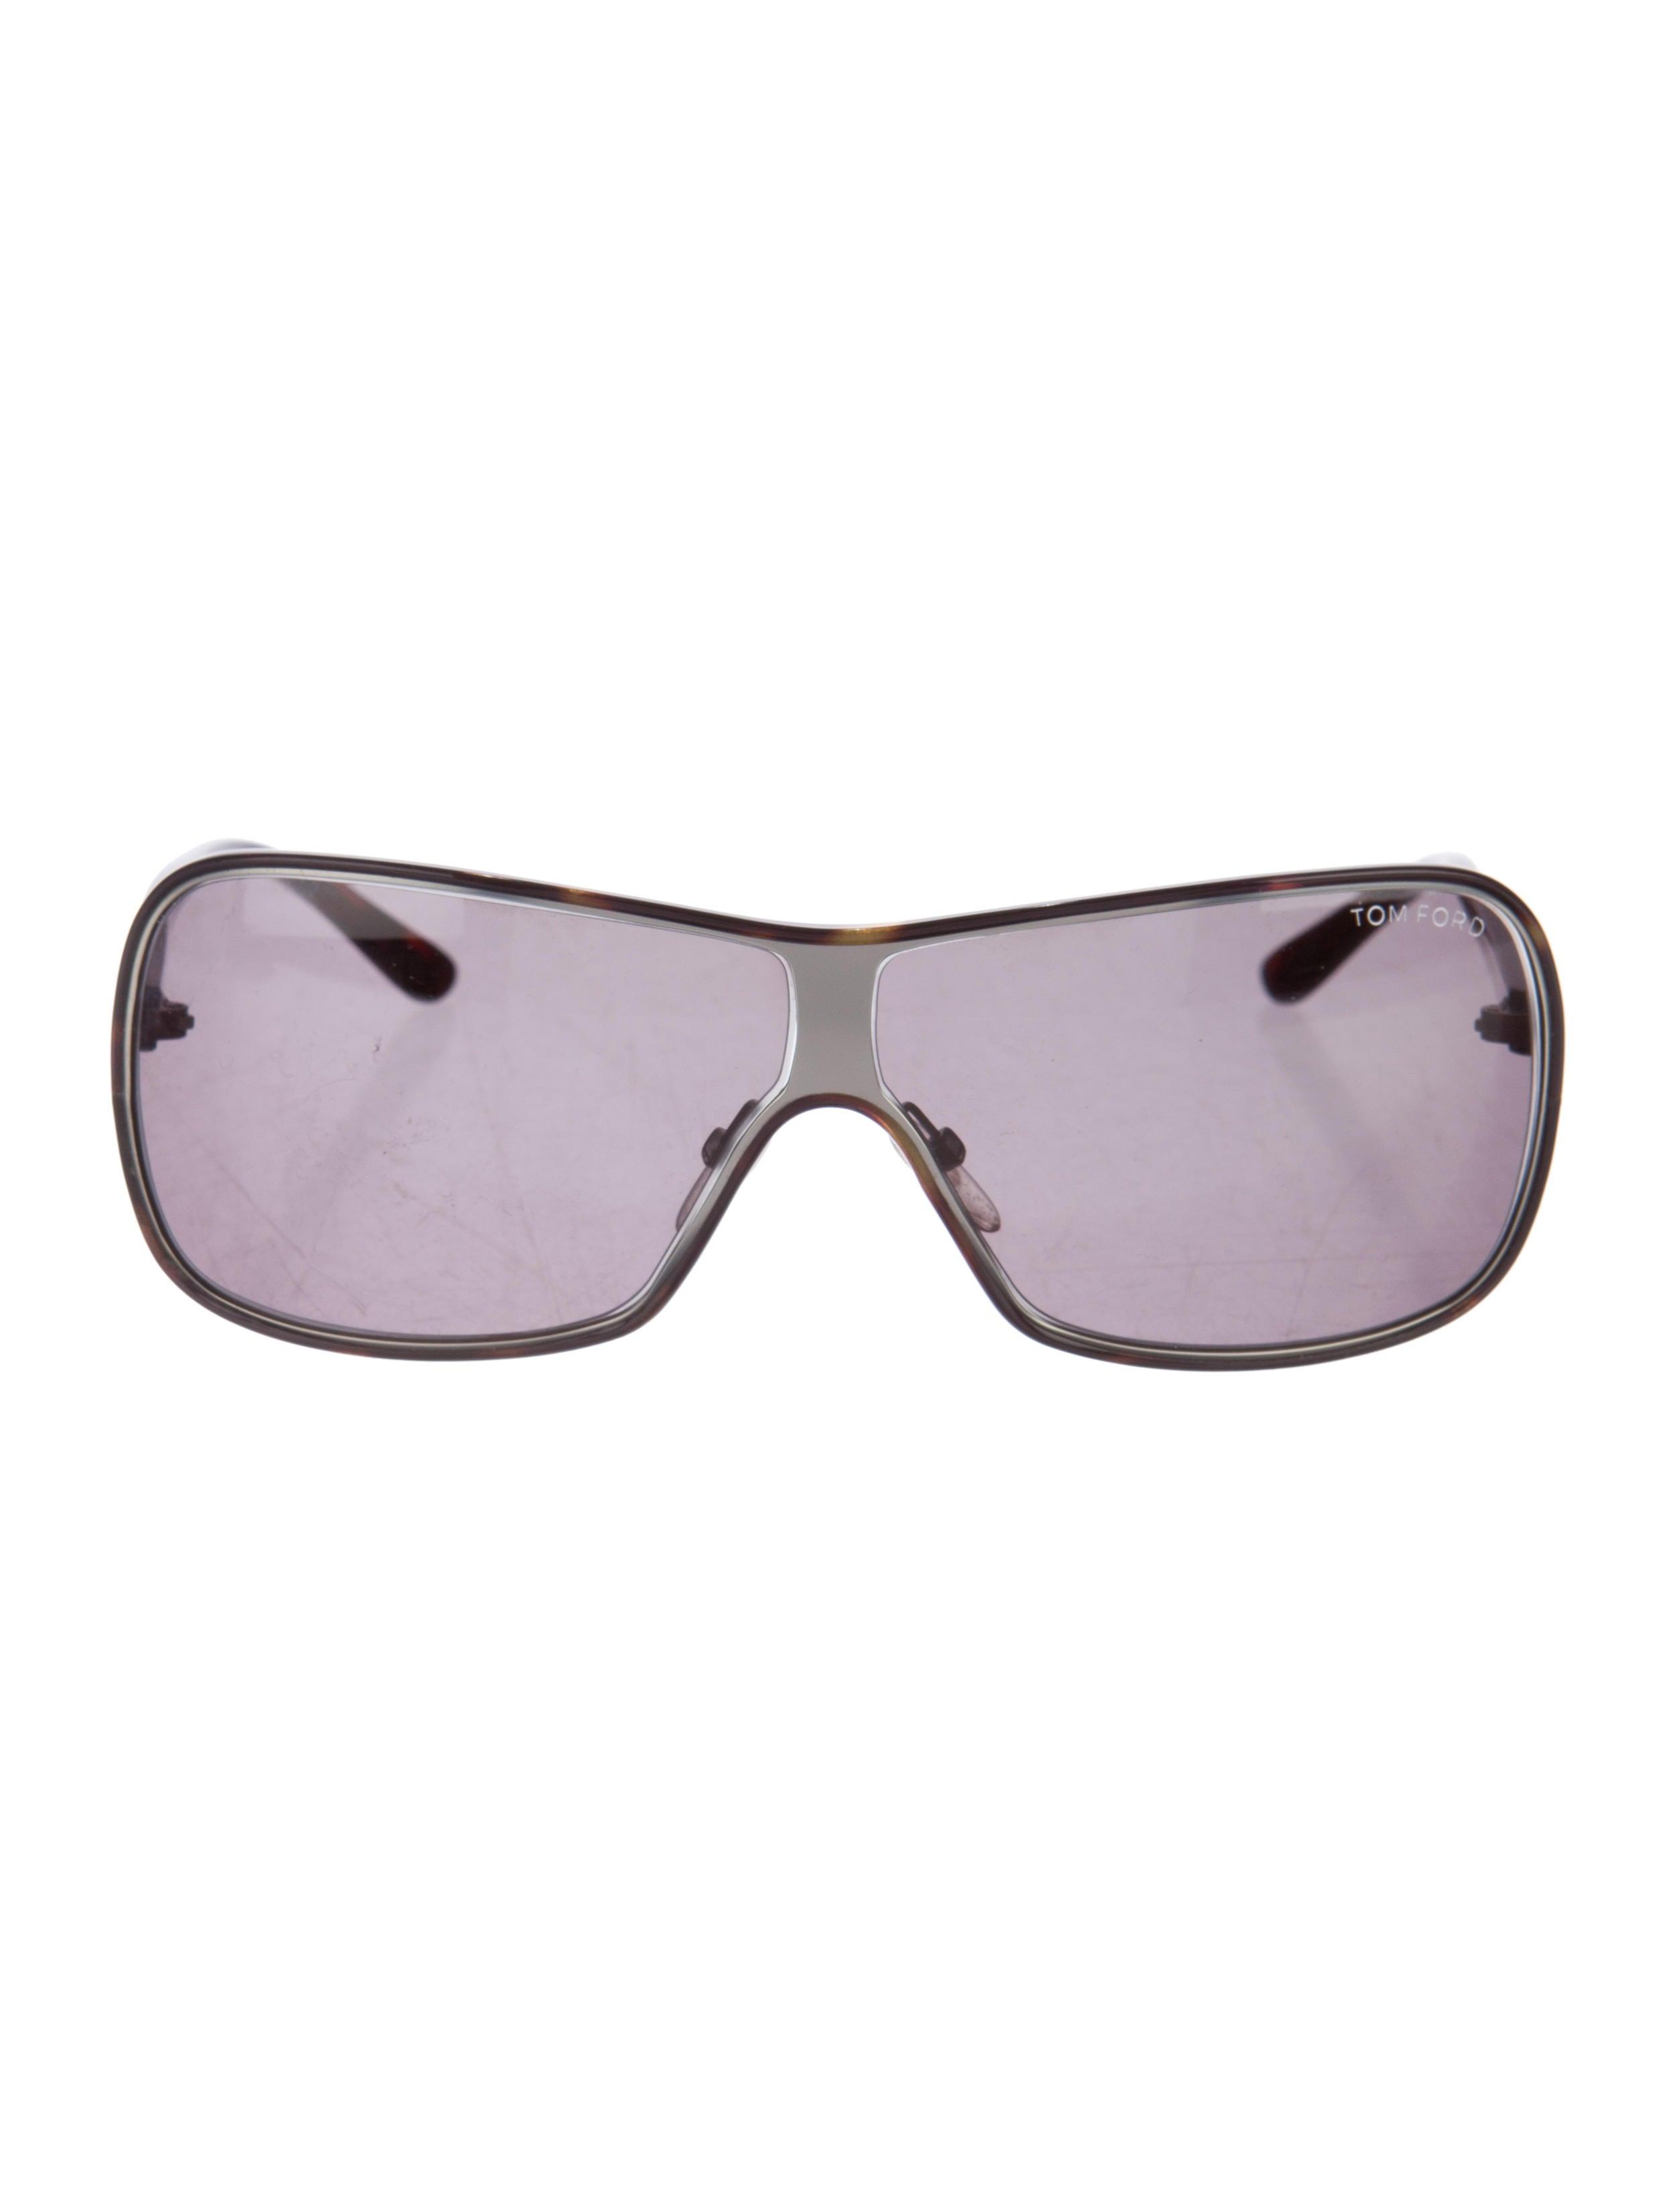 fb53fa64af Tom Ford Alexei Aviator Sunglasses - Accessories - TOM33182